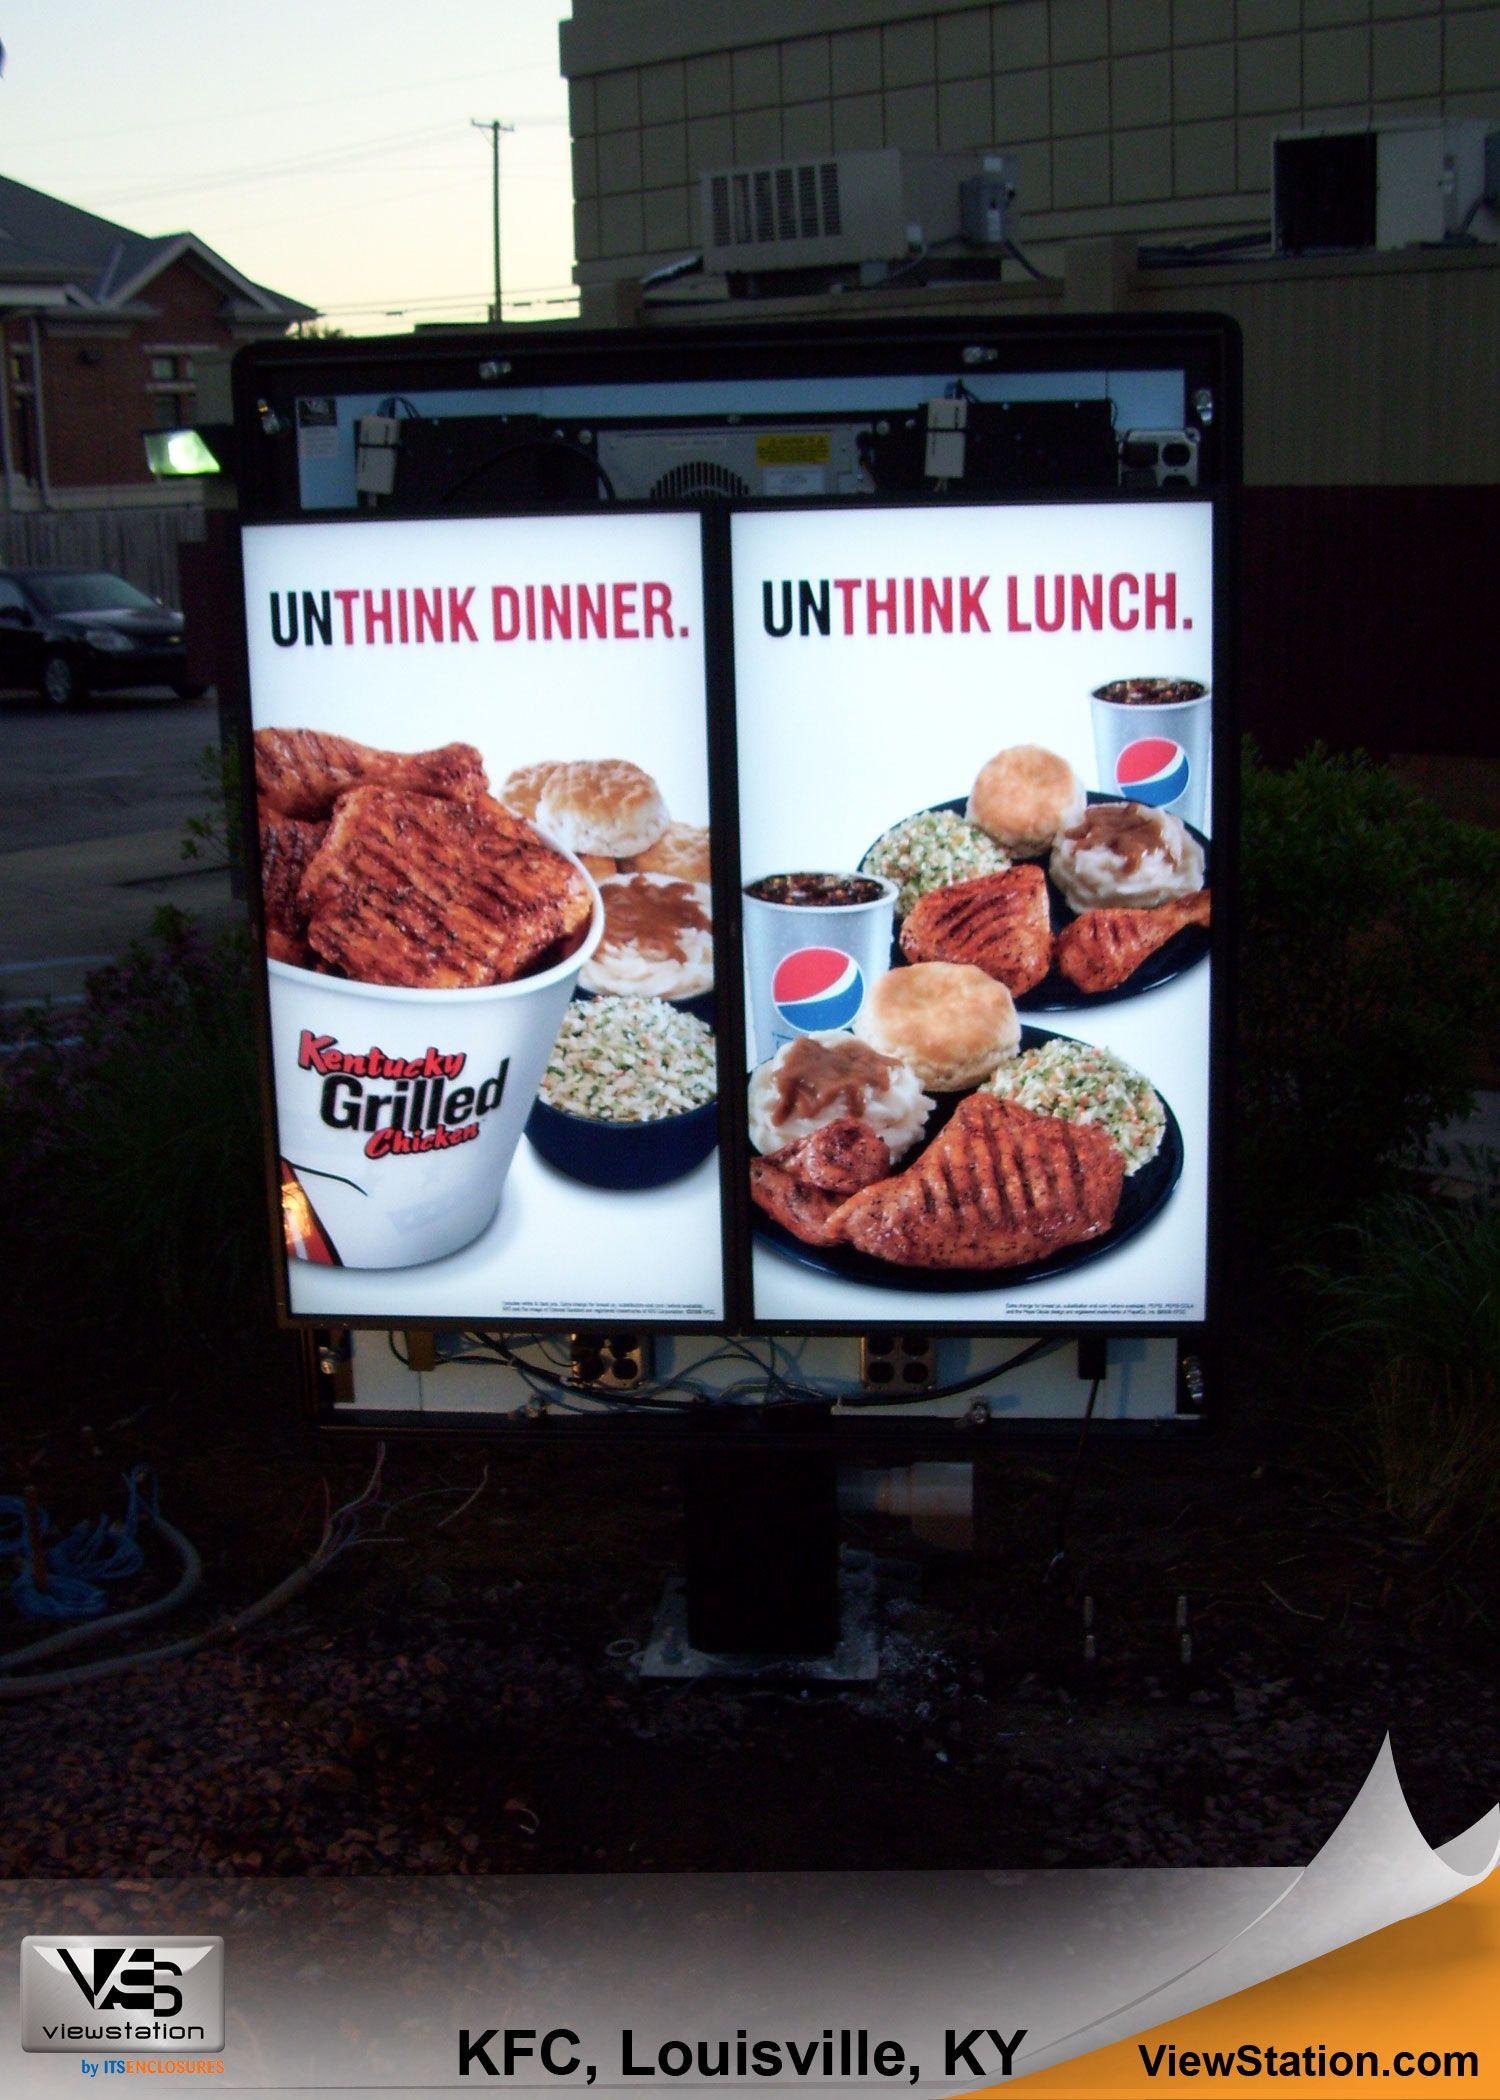 KFC (Kentucky Fried Chicken) Louisville KY - Digital Menu ...